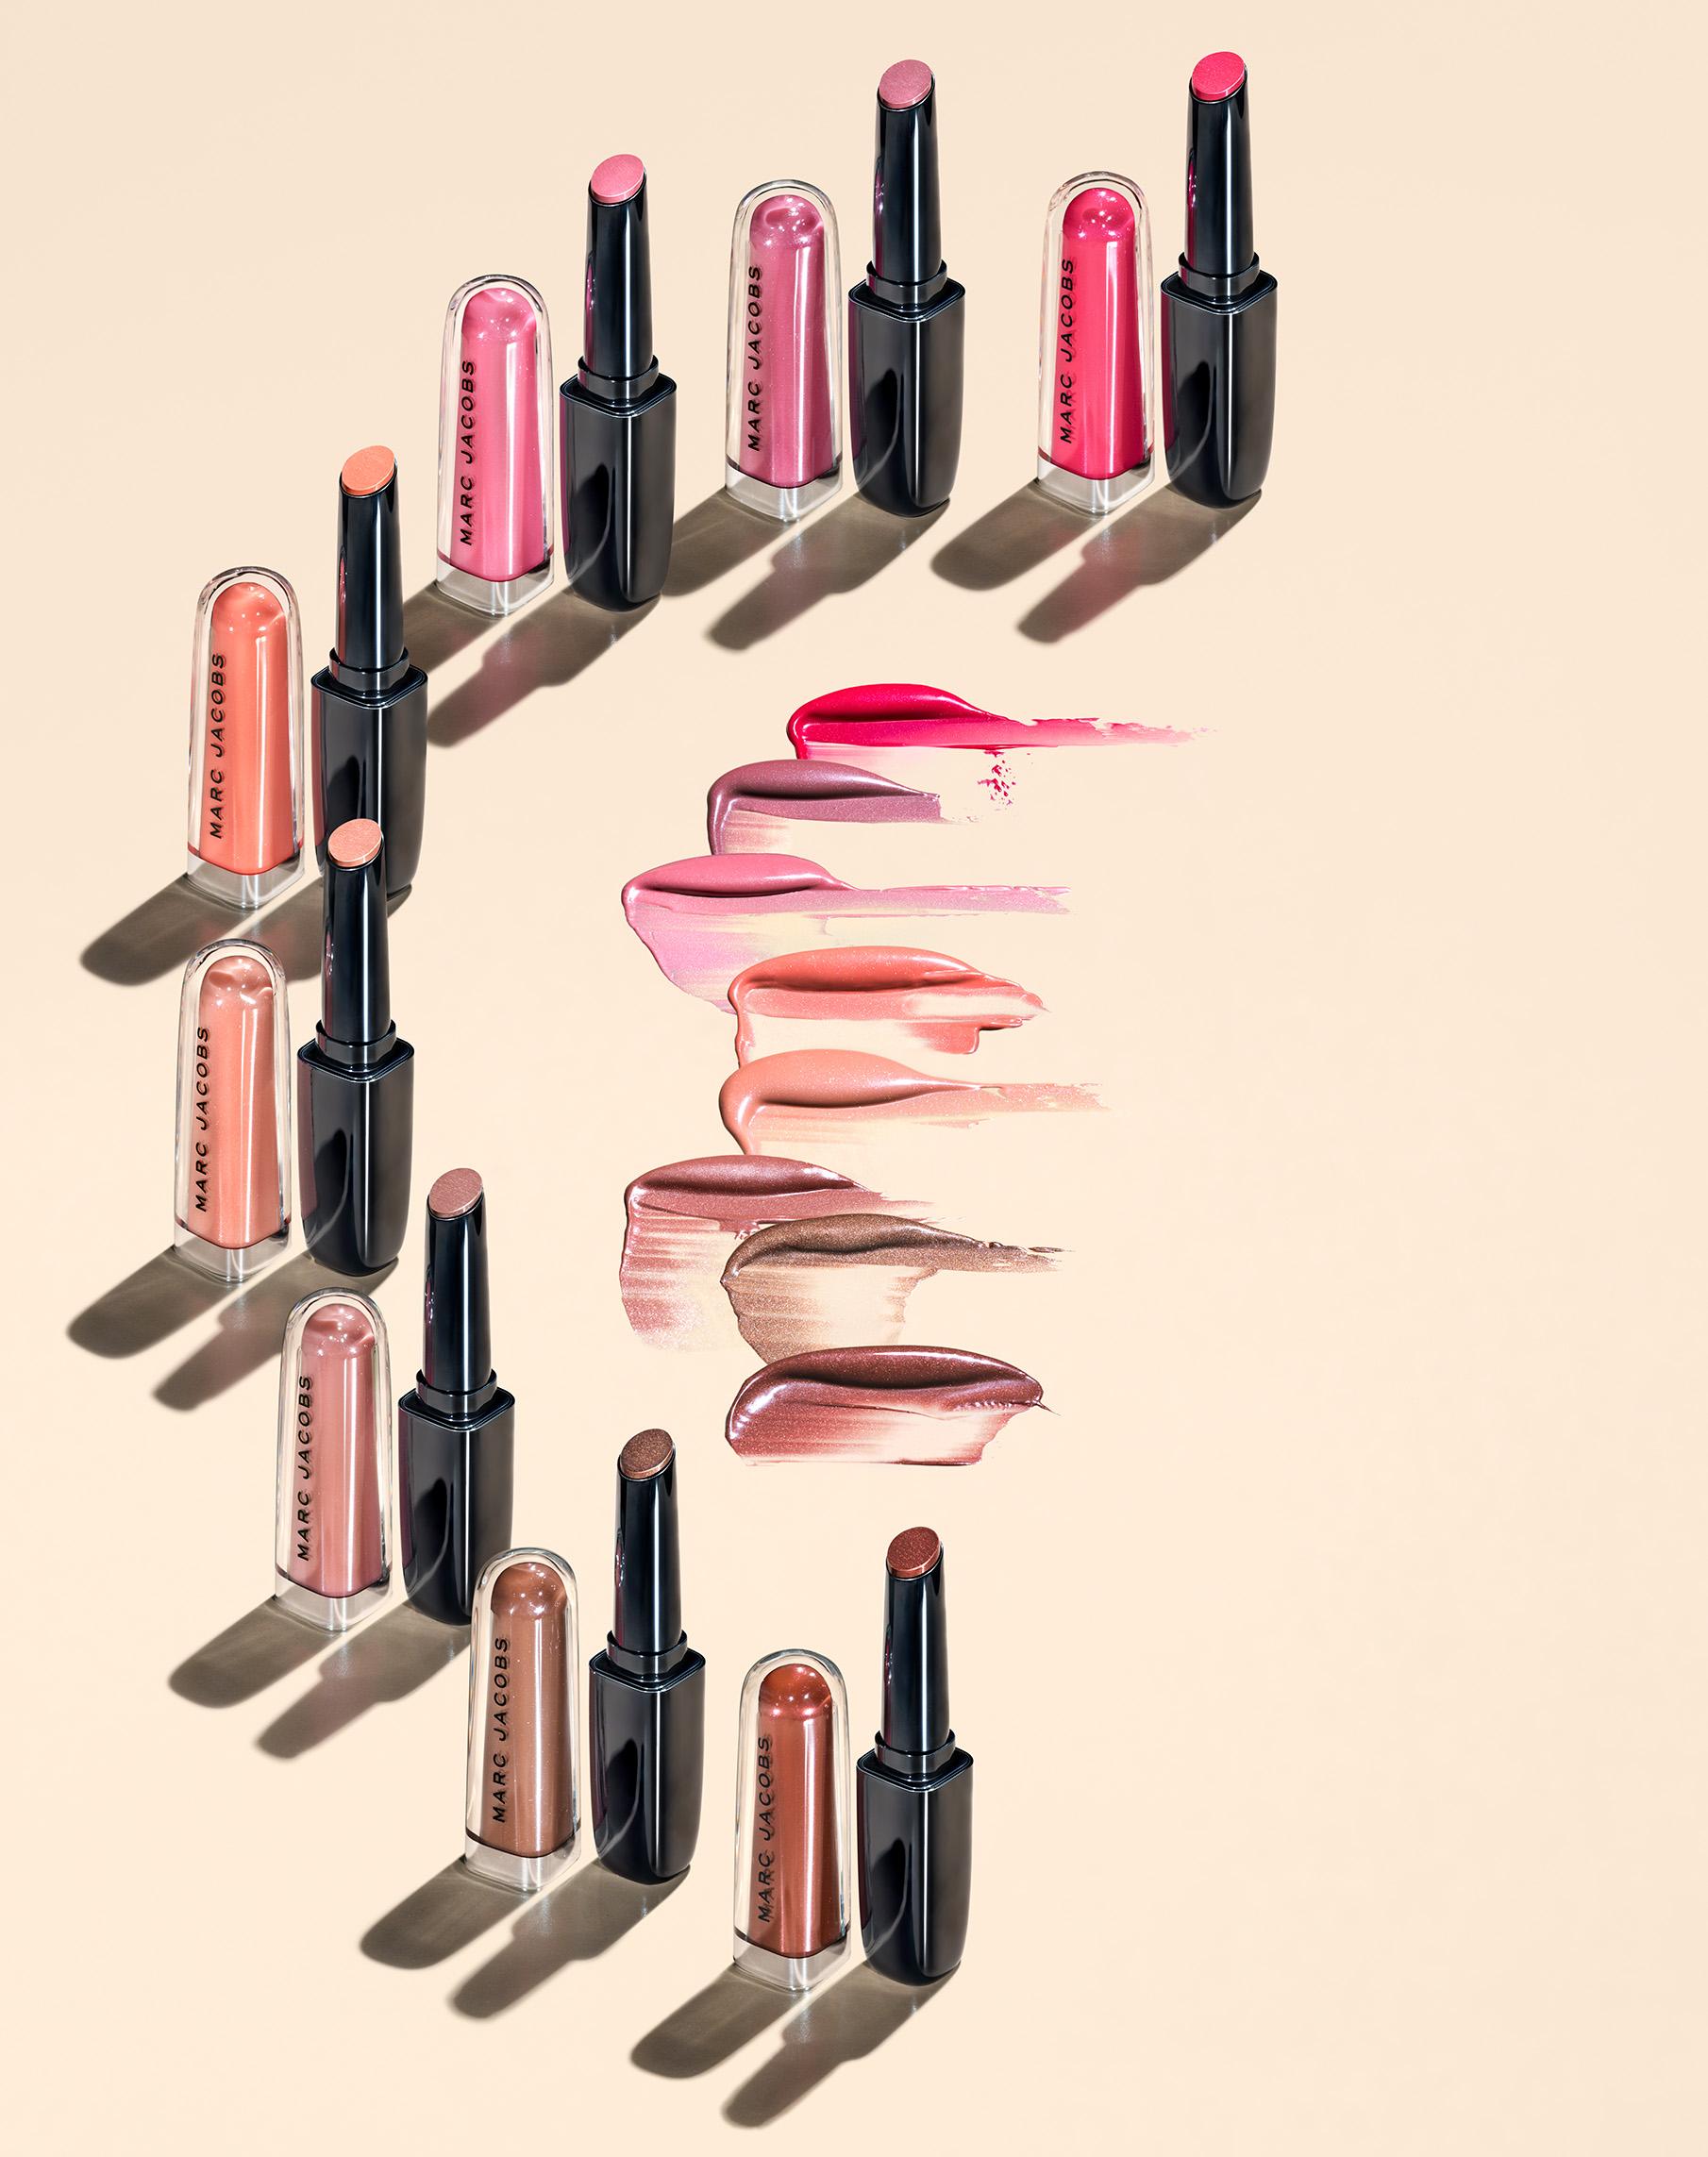 Nuovi lucidalabbra Marc Jacobs Enamored Hydrating Lip Gloss Stick - Recensione, review, opinioni, data di uscita, info, prezzo, swatch